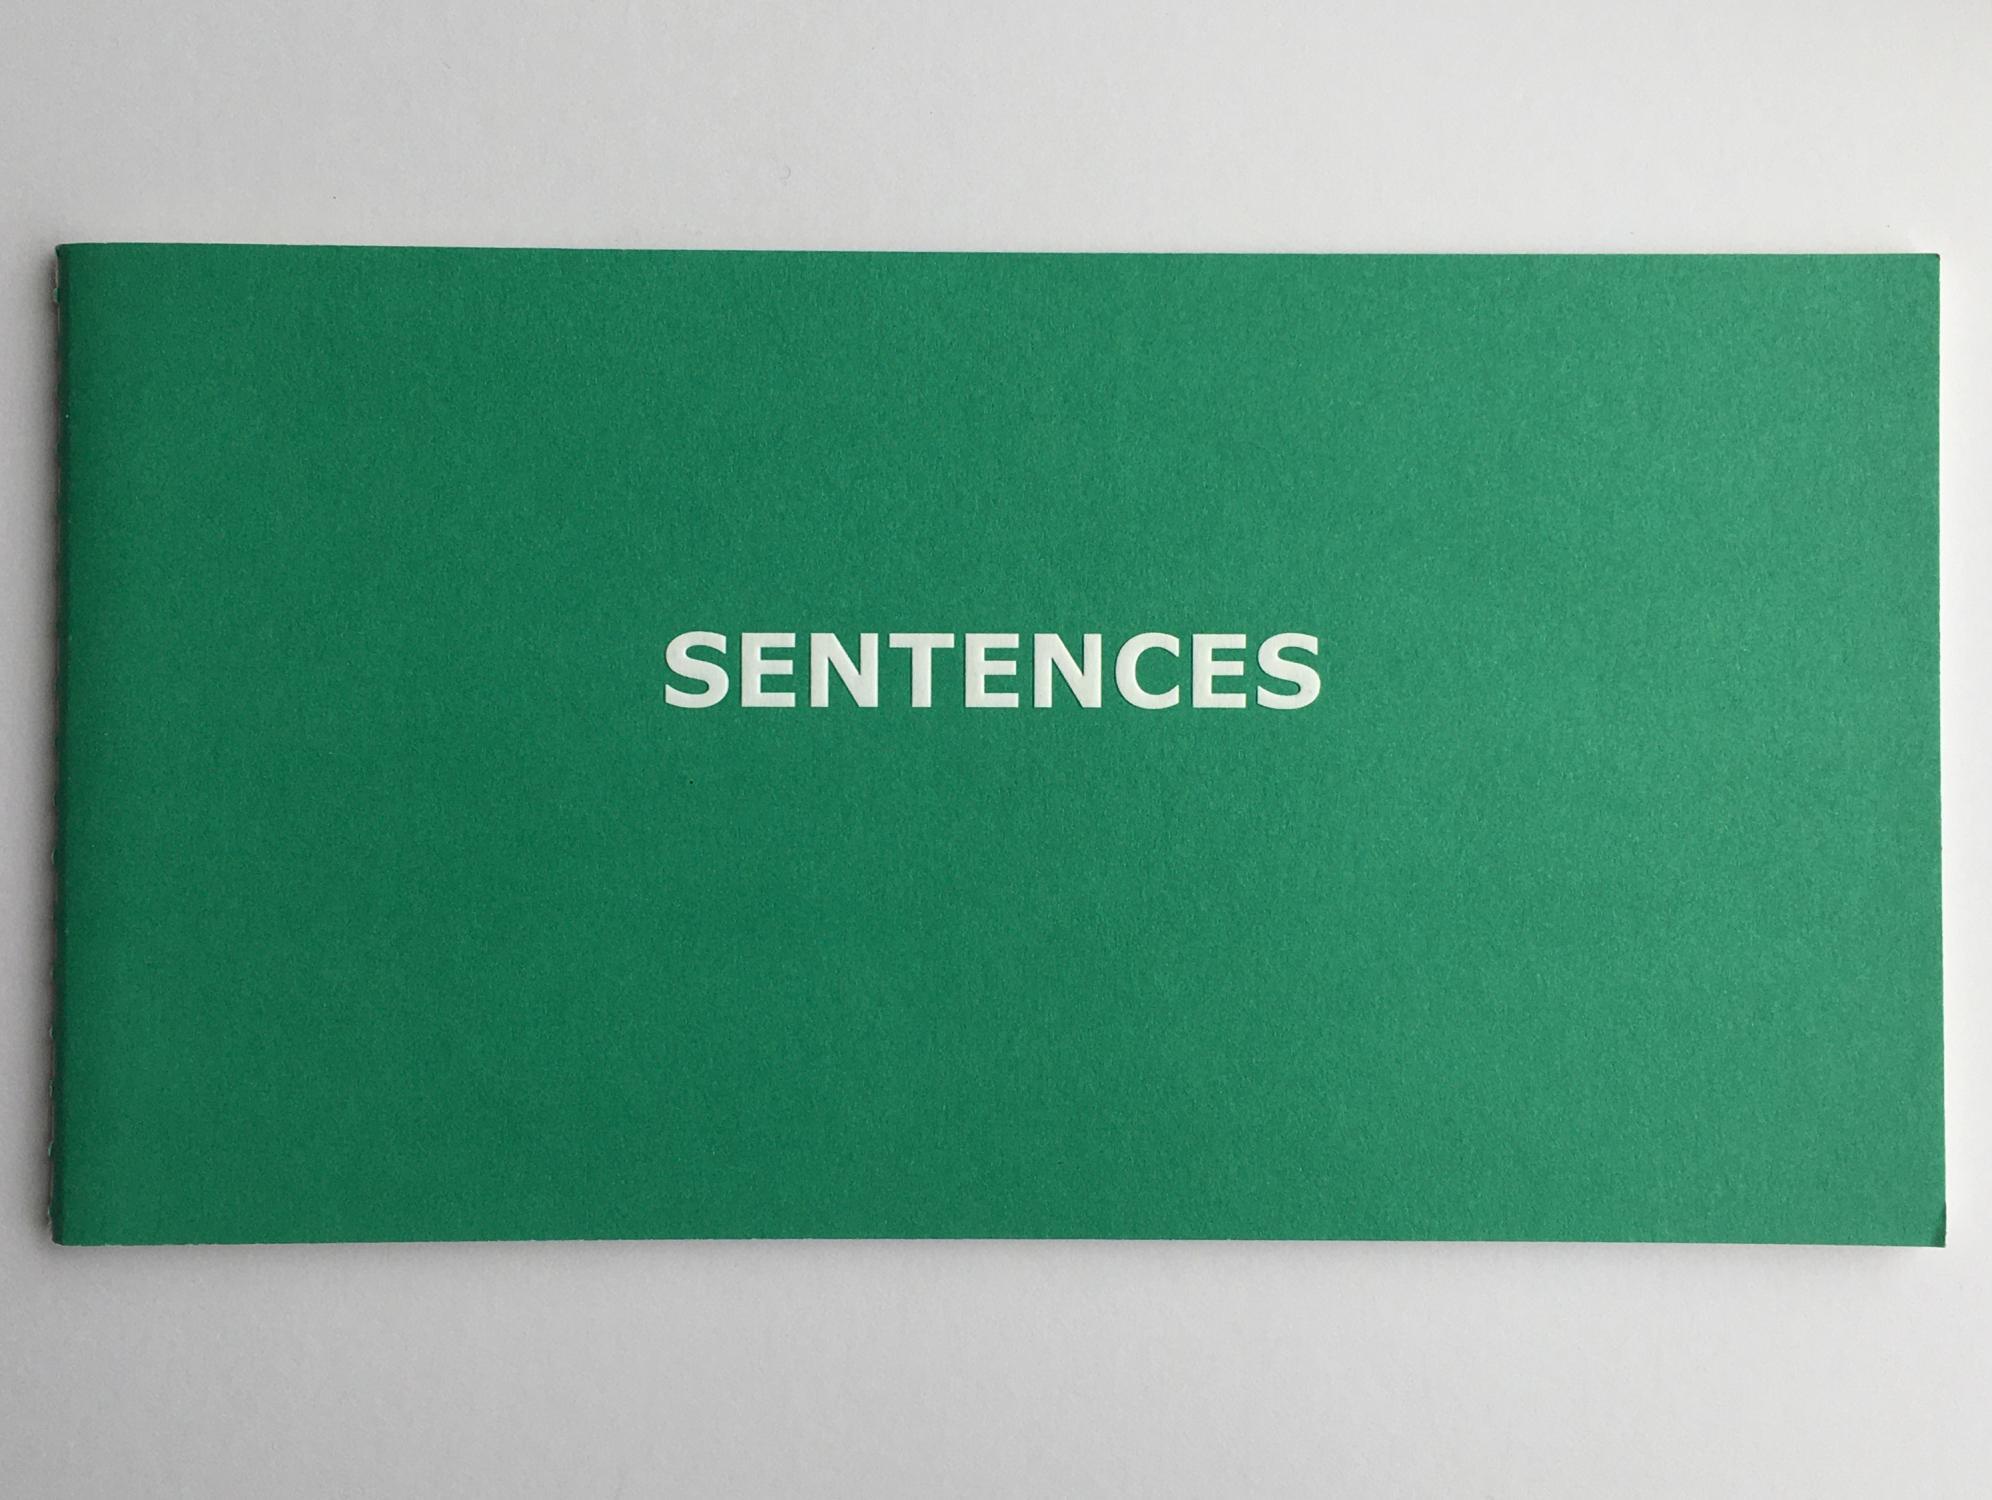 Sentences By Ian Hamilton Finlay And Pia Simig